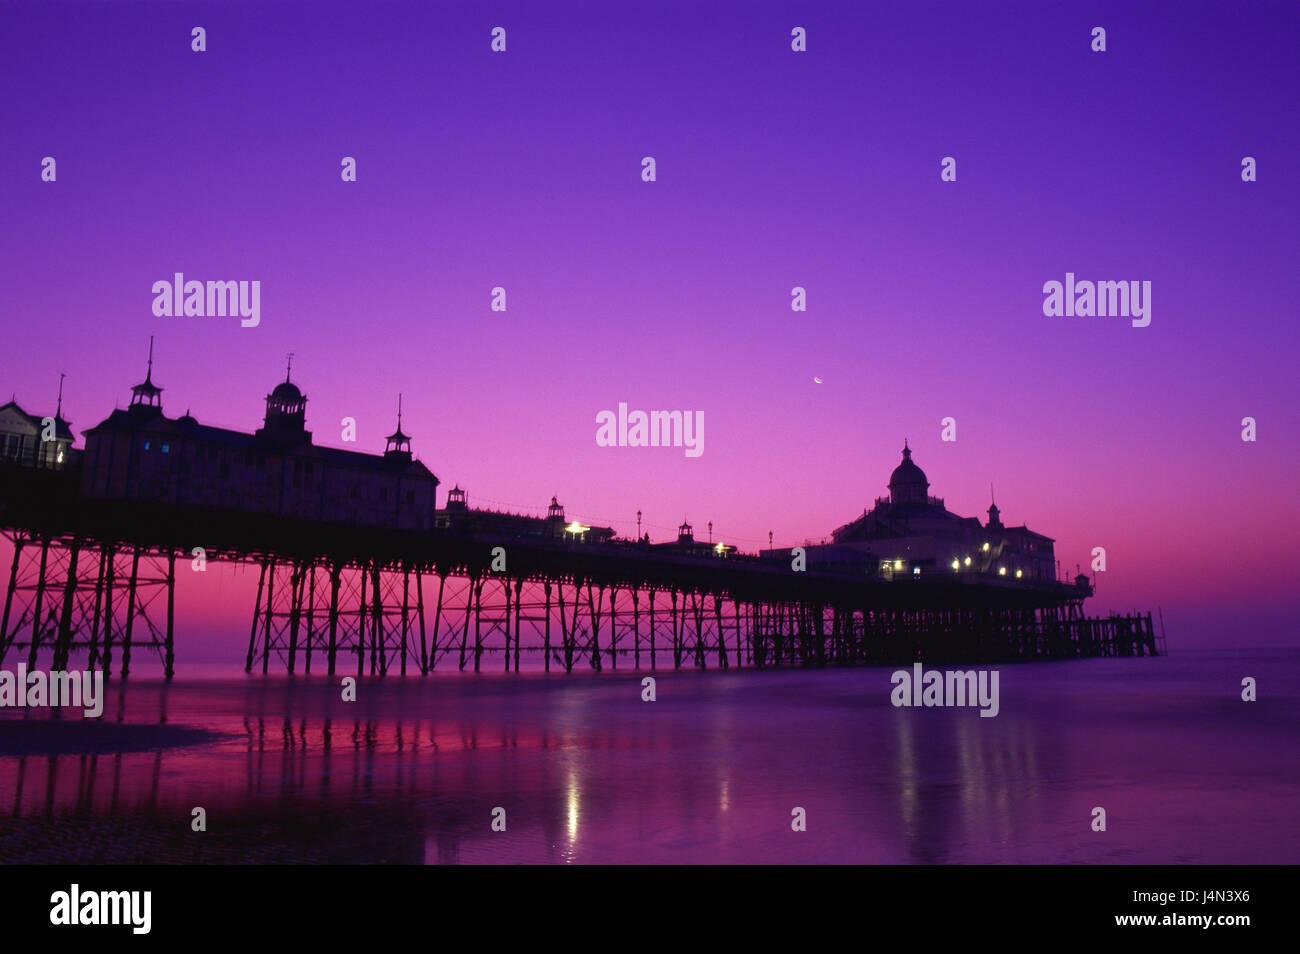 Großbritannien, England, Sussex, Eastbourne, Pier, Silhouette, Abend, tuning, Stockbild